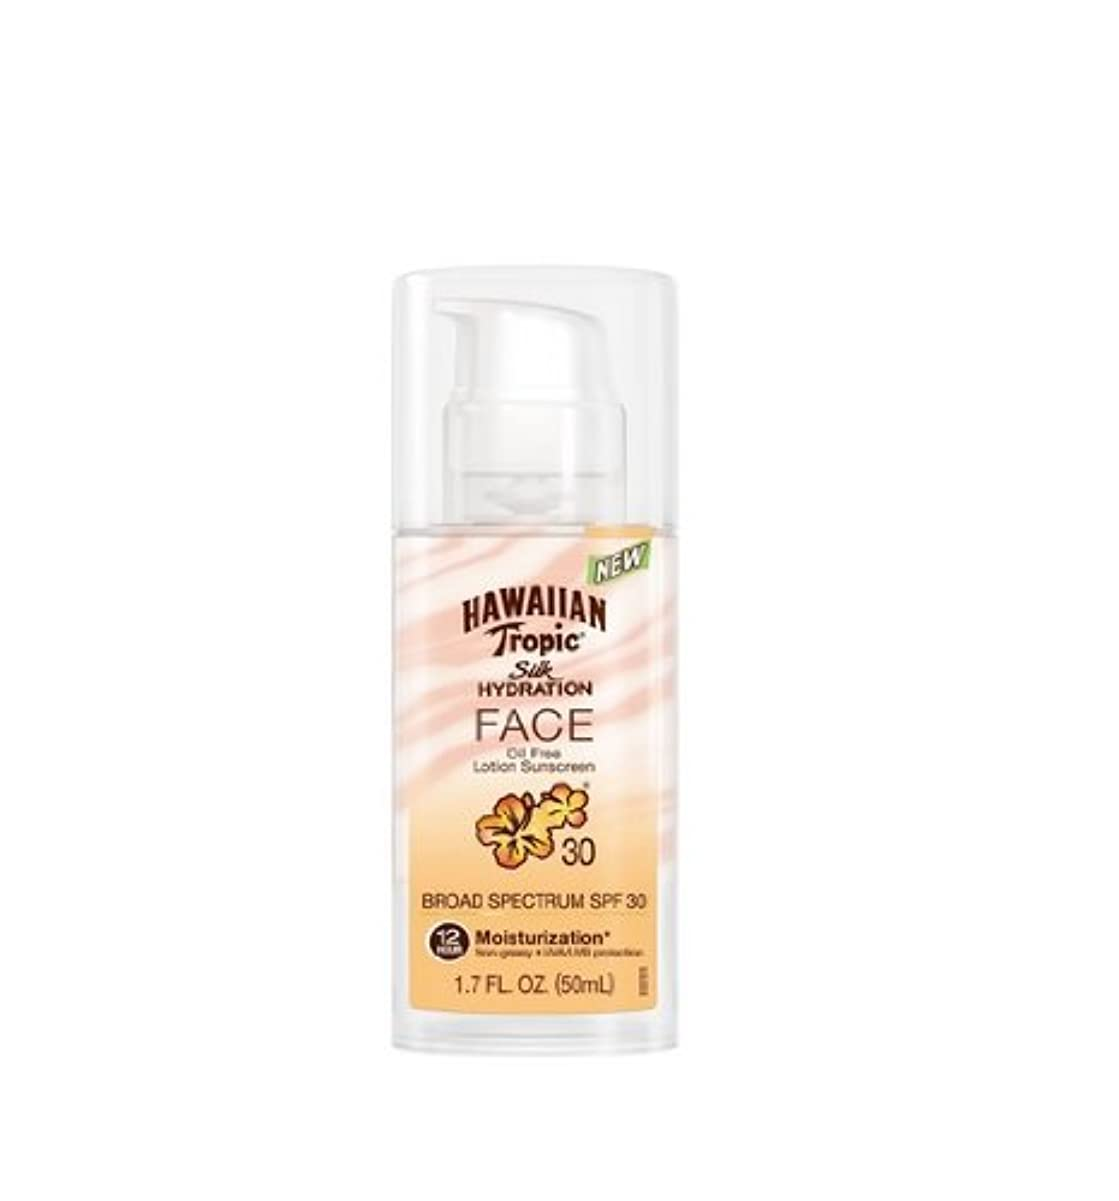 【お顔専用日焼け止め】ハワイアントロピック Hawaiian Tropic Silk Hydration Face Lotion 【12時間持続】 SPF 30, 1.7 Ounce  ハワイ直送品